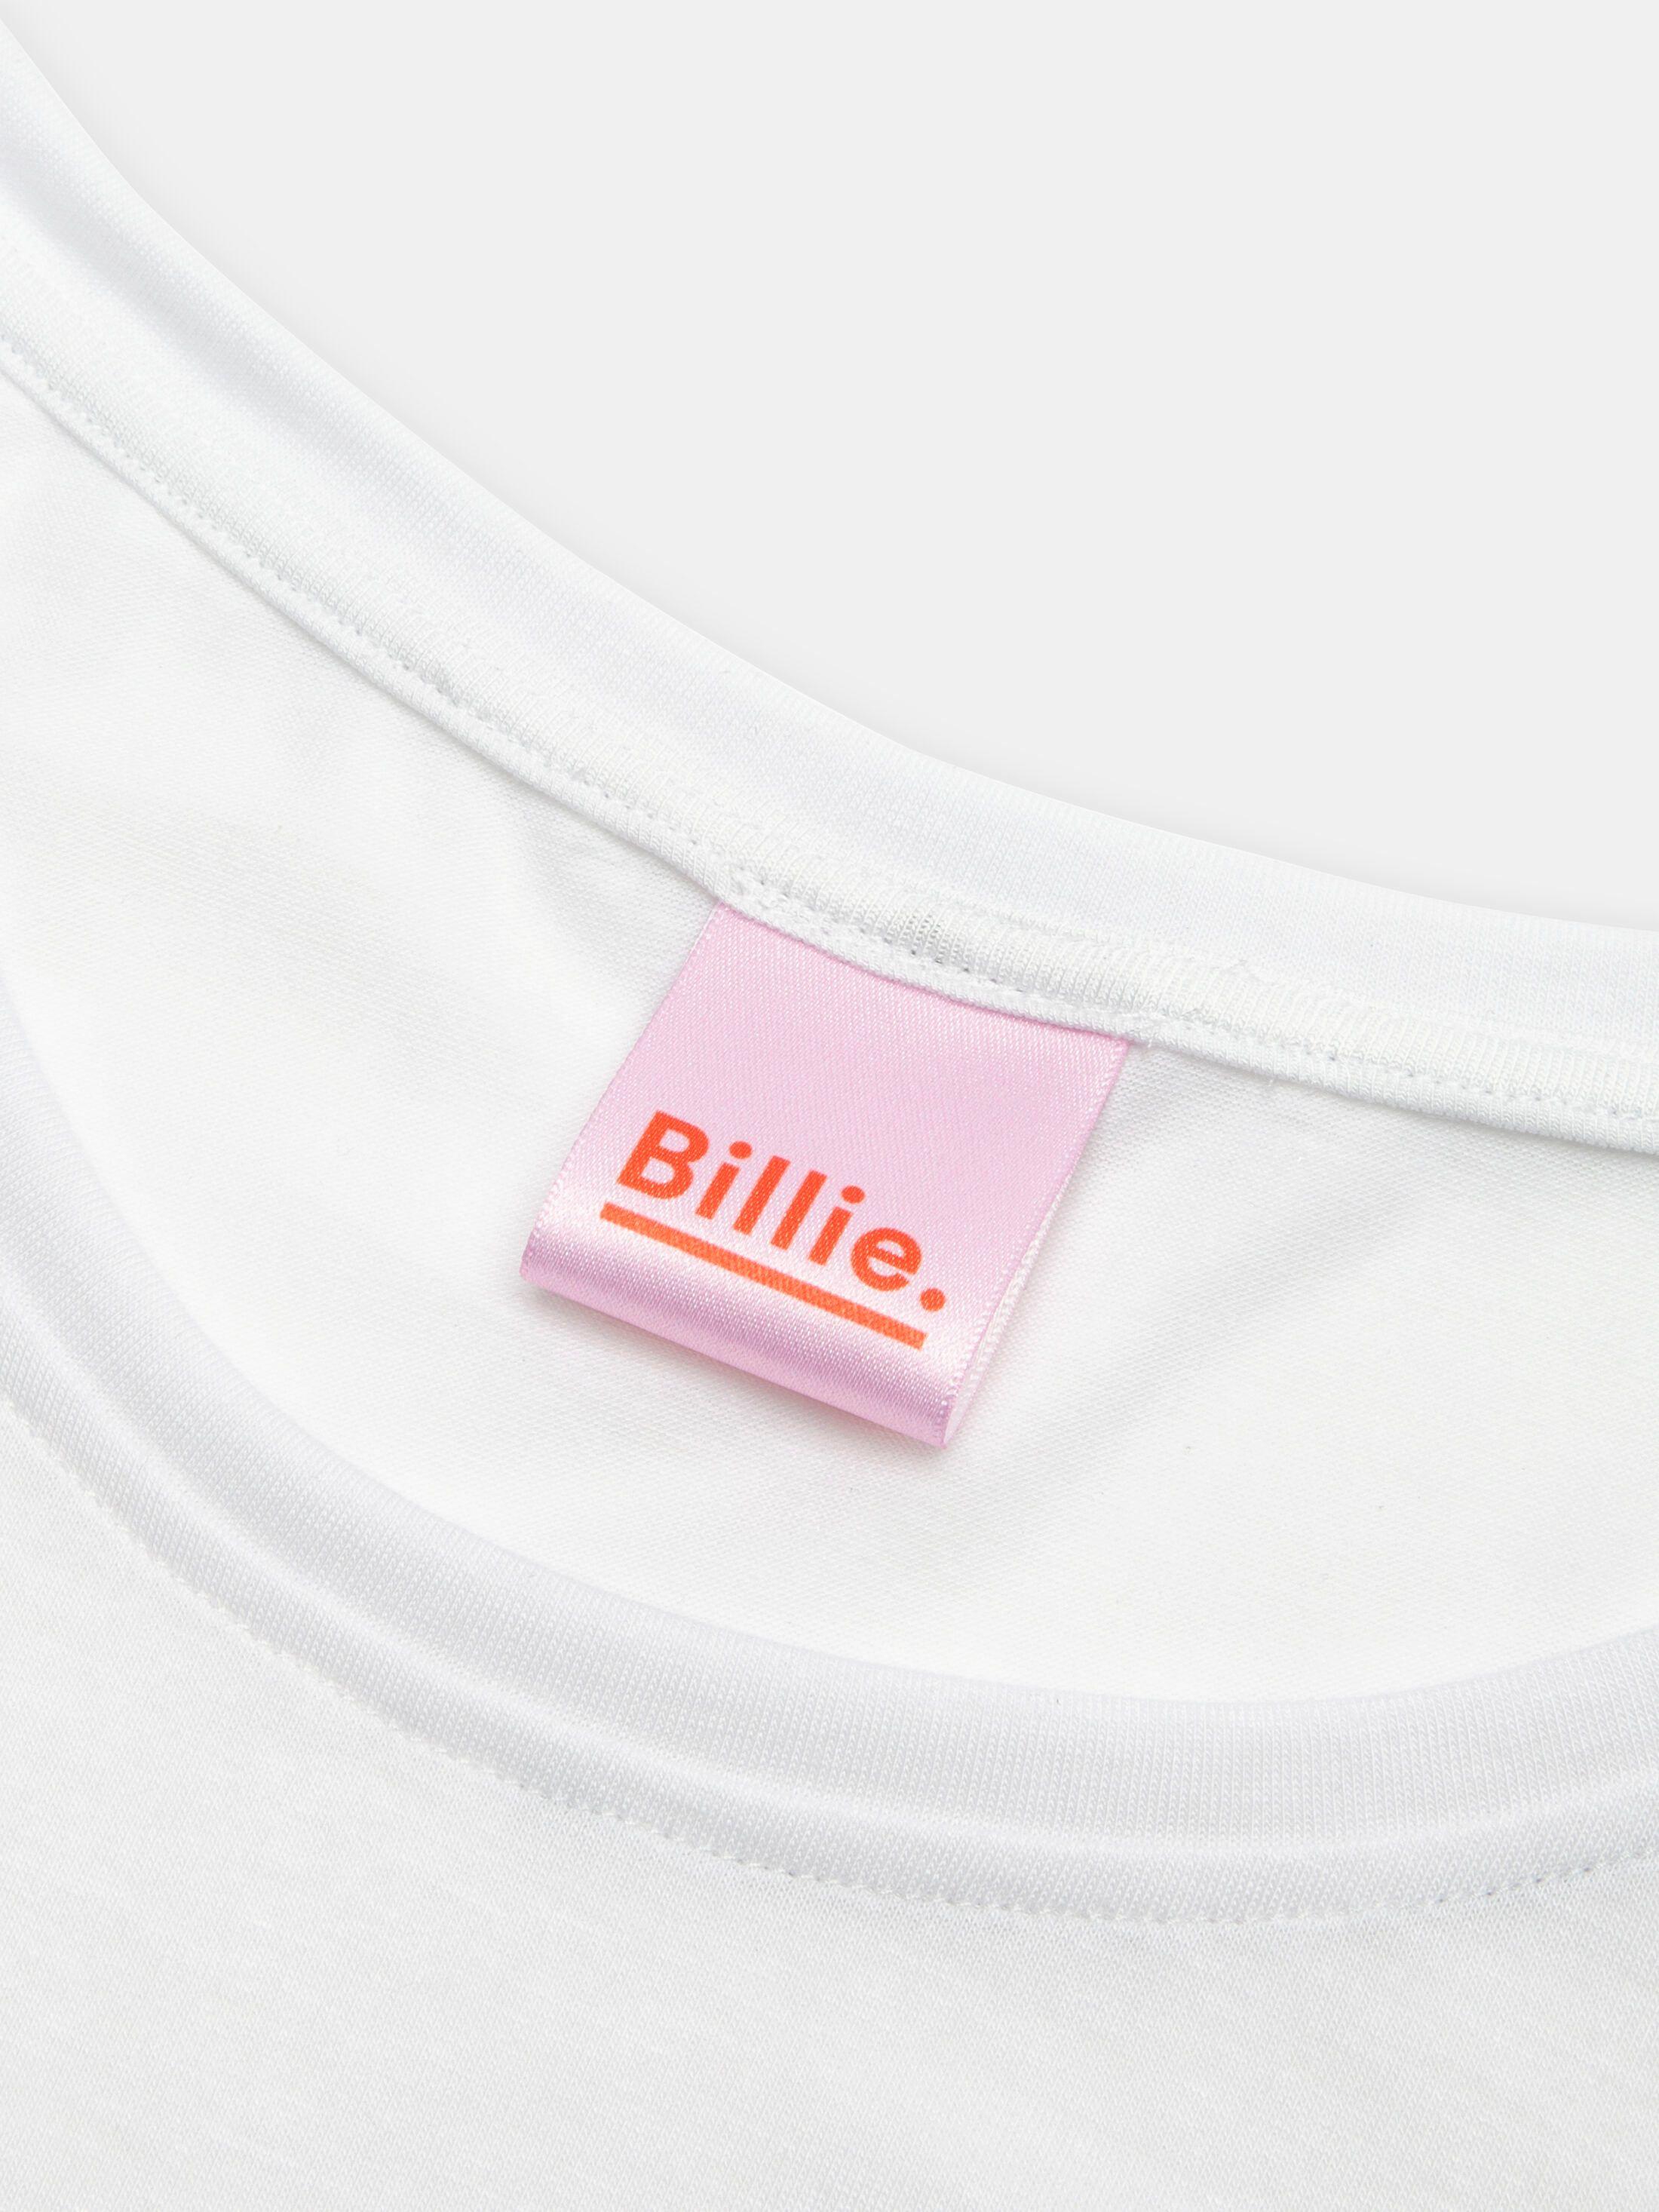 Personalizza online e crea maglietta donna